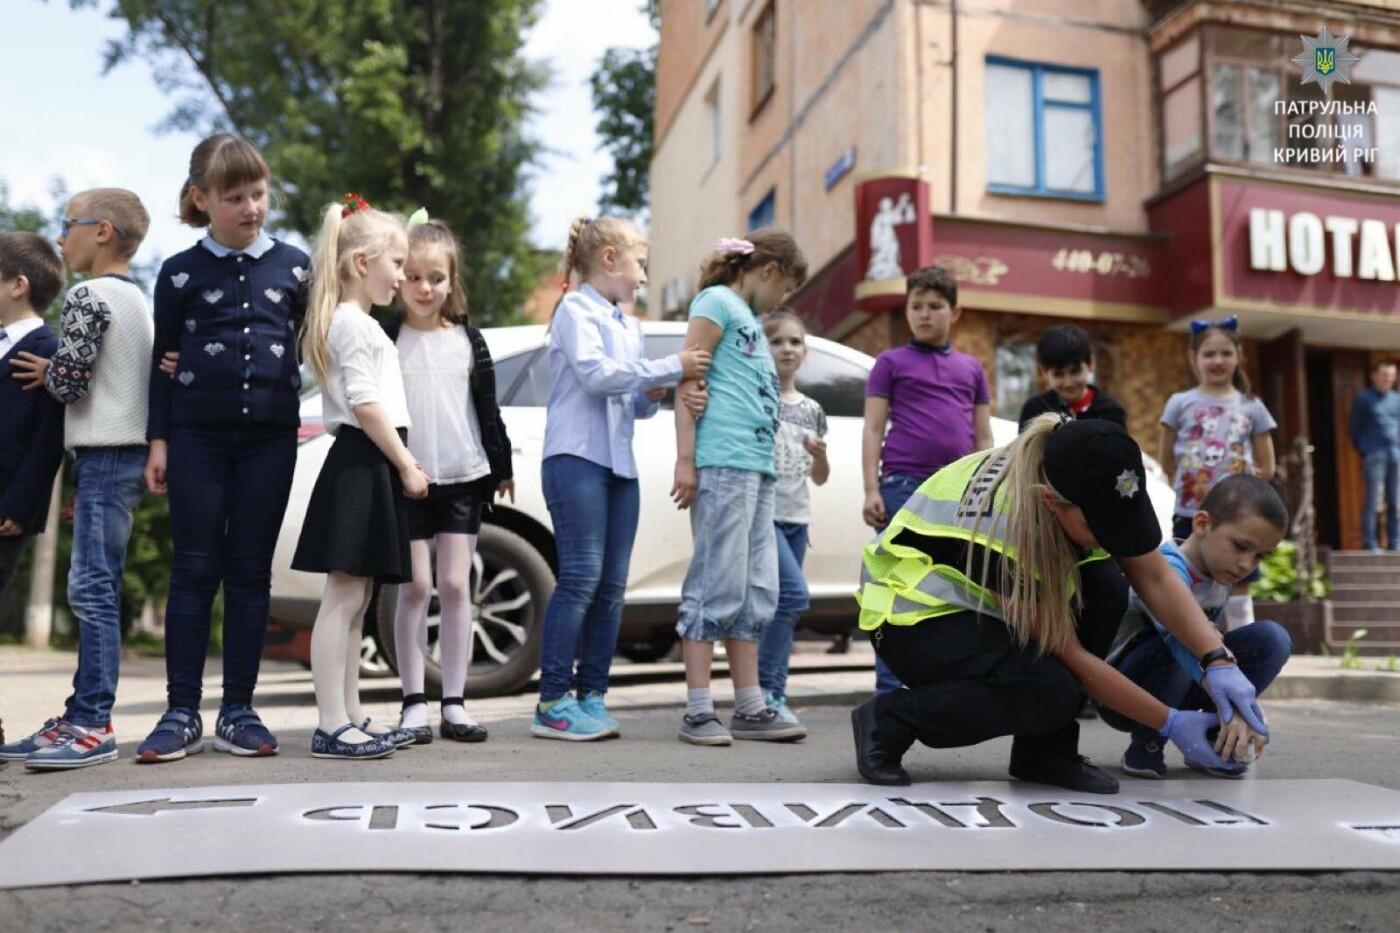 """""""Возьми ребенка за руку"""", """"Сними наушники"""" - в Кривом Роге появились надписи для пешеходов, - ФОТО, фото-9"""